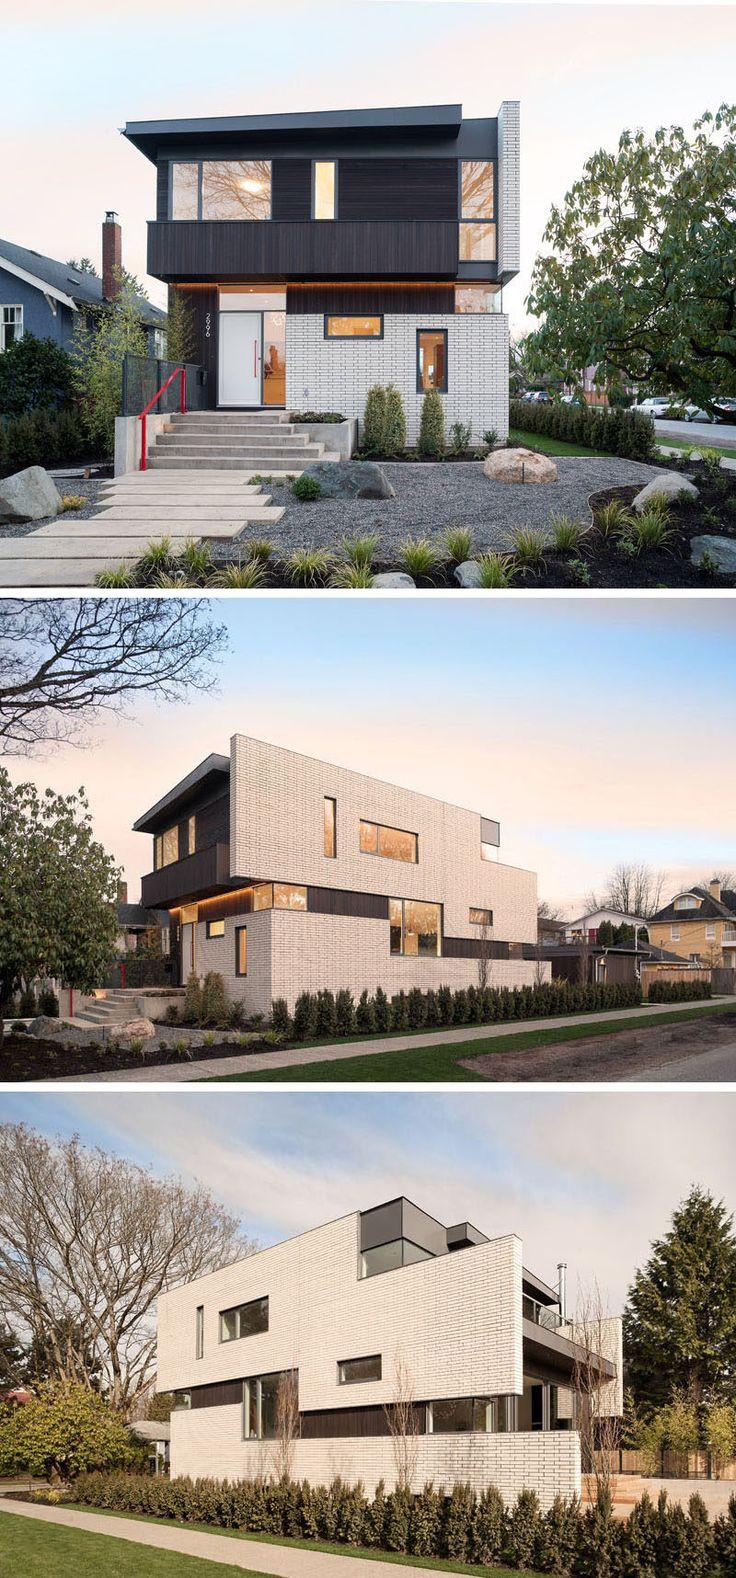 14 casas modernas feitas de tijolos de Brick // White cobrem muito do exterior desta casa e contrastam o tapume de cedro escuro e guarnição de metal também incluídos no design exterior.